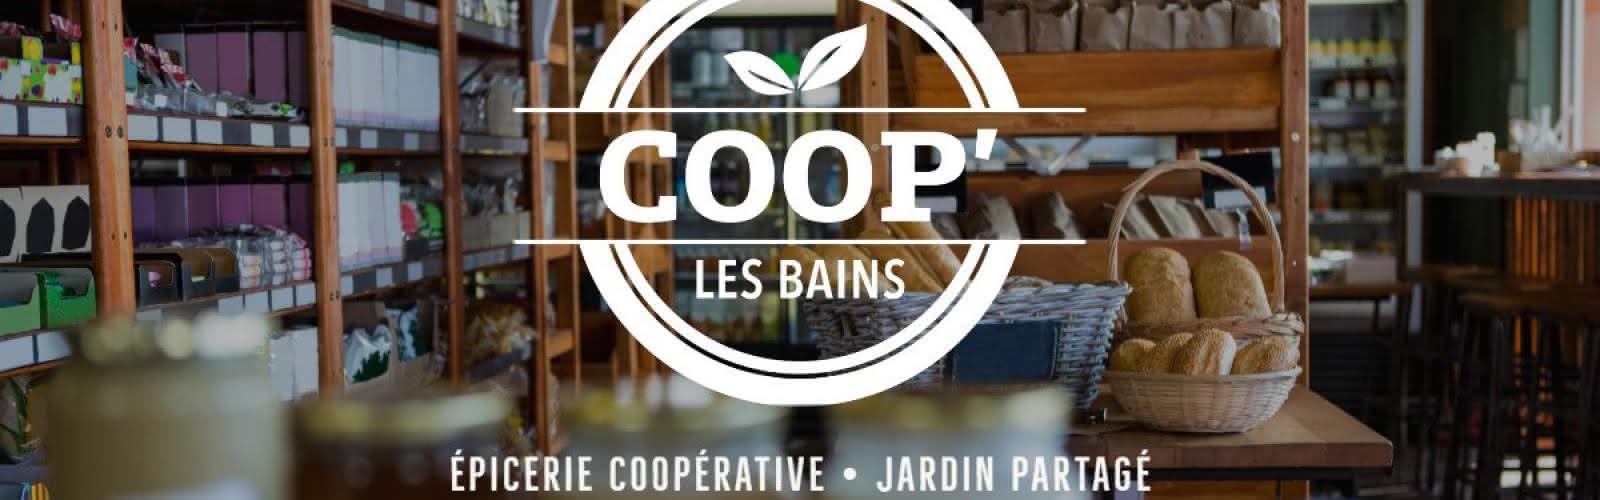 Coop' Enghien